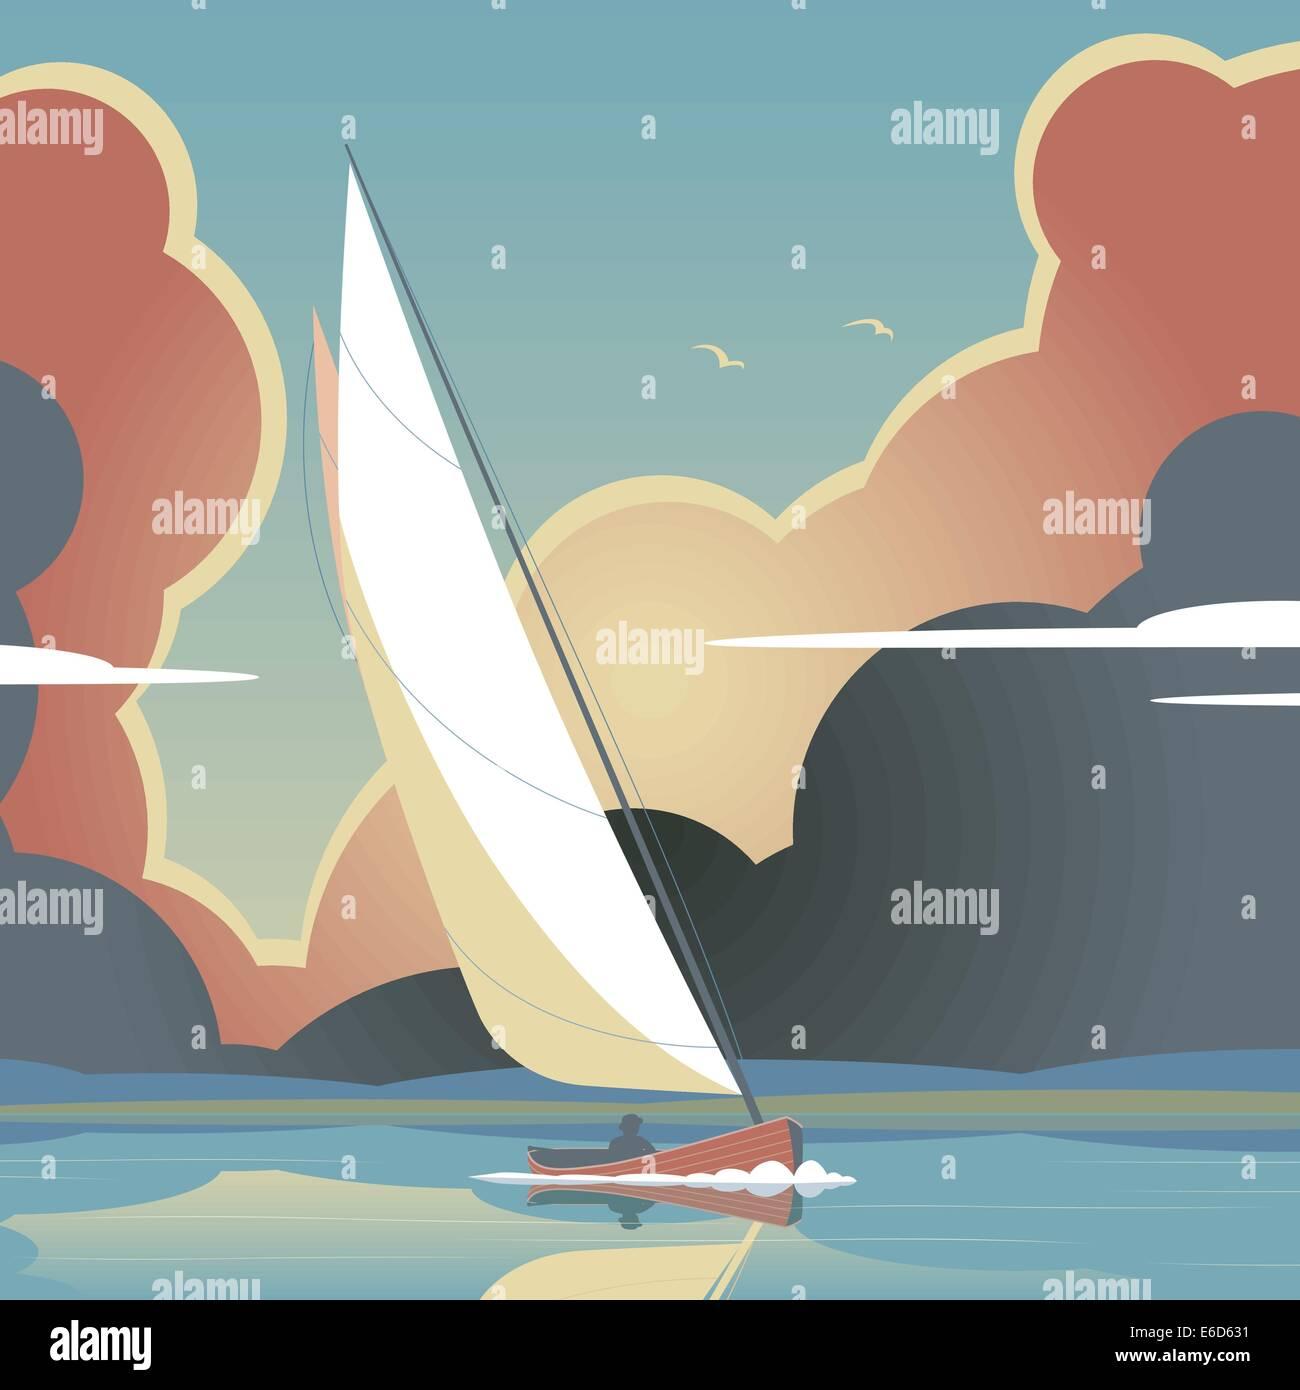 Ilustración vectorial editable de un hombre llevar un velero en aguas tranquilas Ilustración del Vector